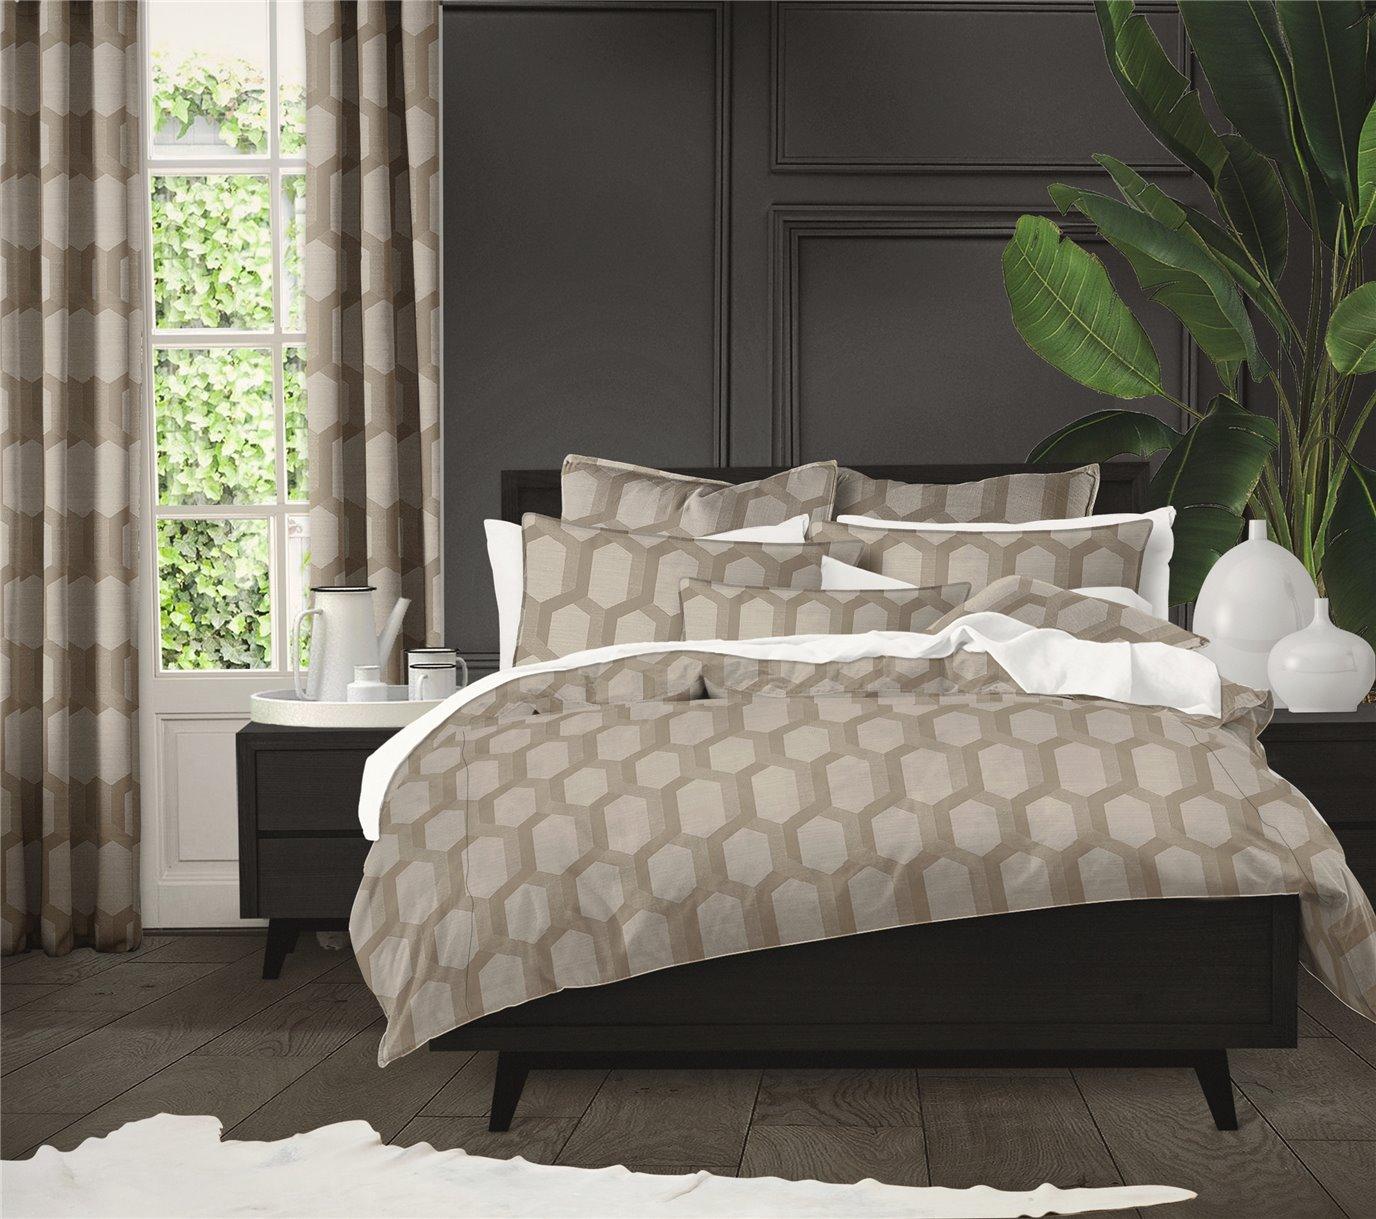 Maidstone Taupe Comforter Set - Super Queen